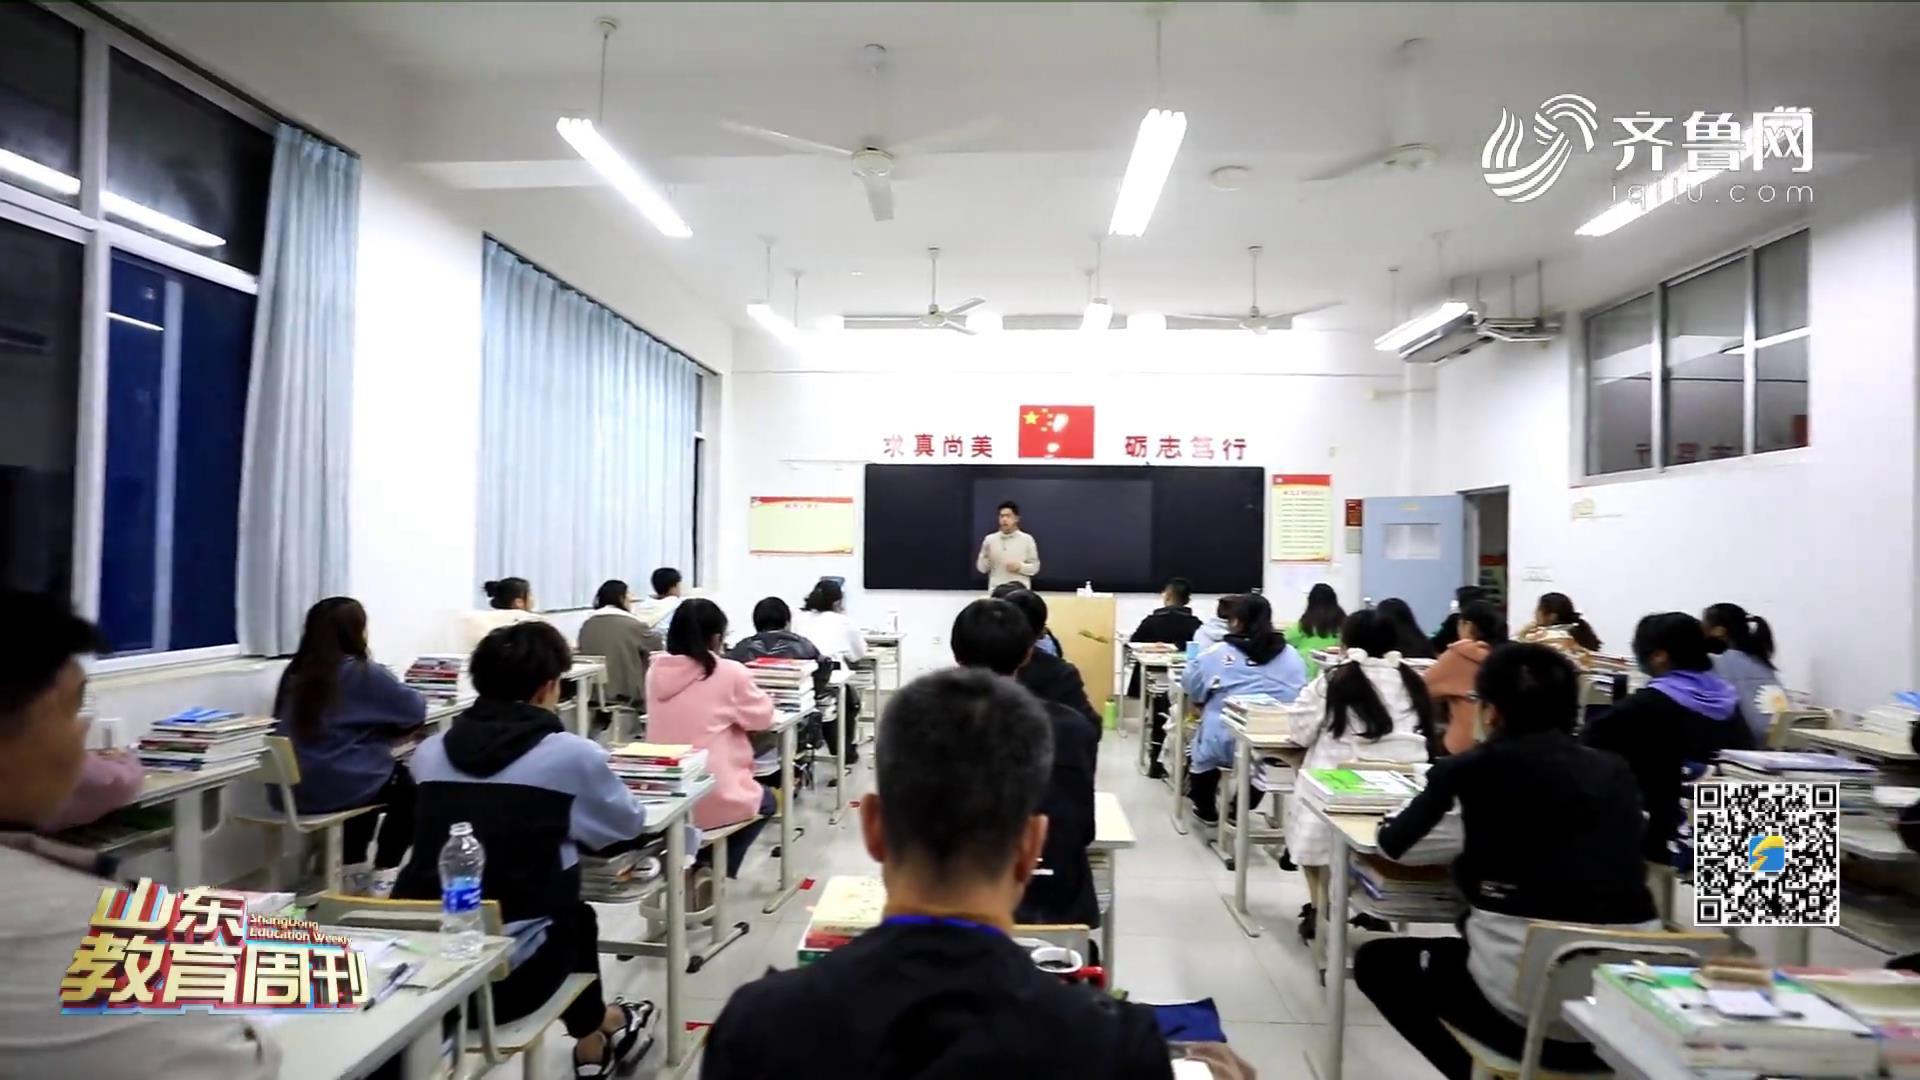 """职教""""山东模式"""" 为高质量发展提供人才支撑《山东教育周刊》20201122播出"""